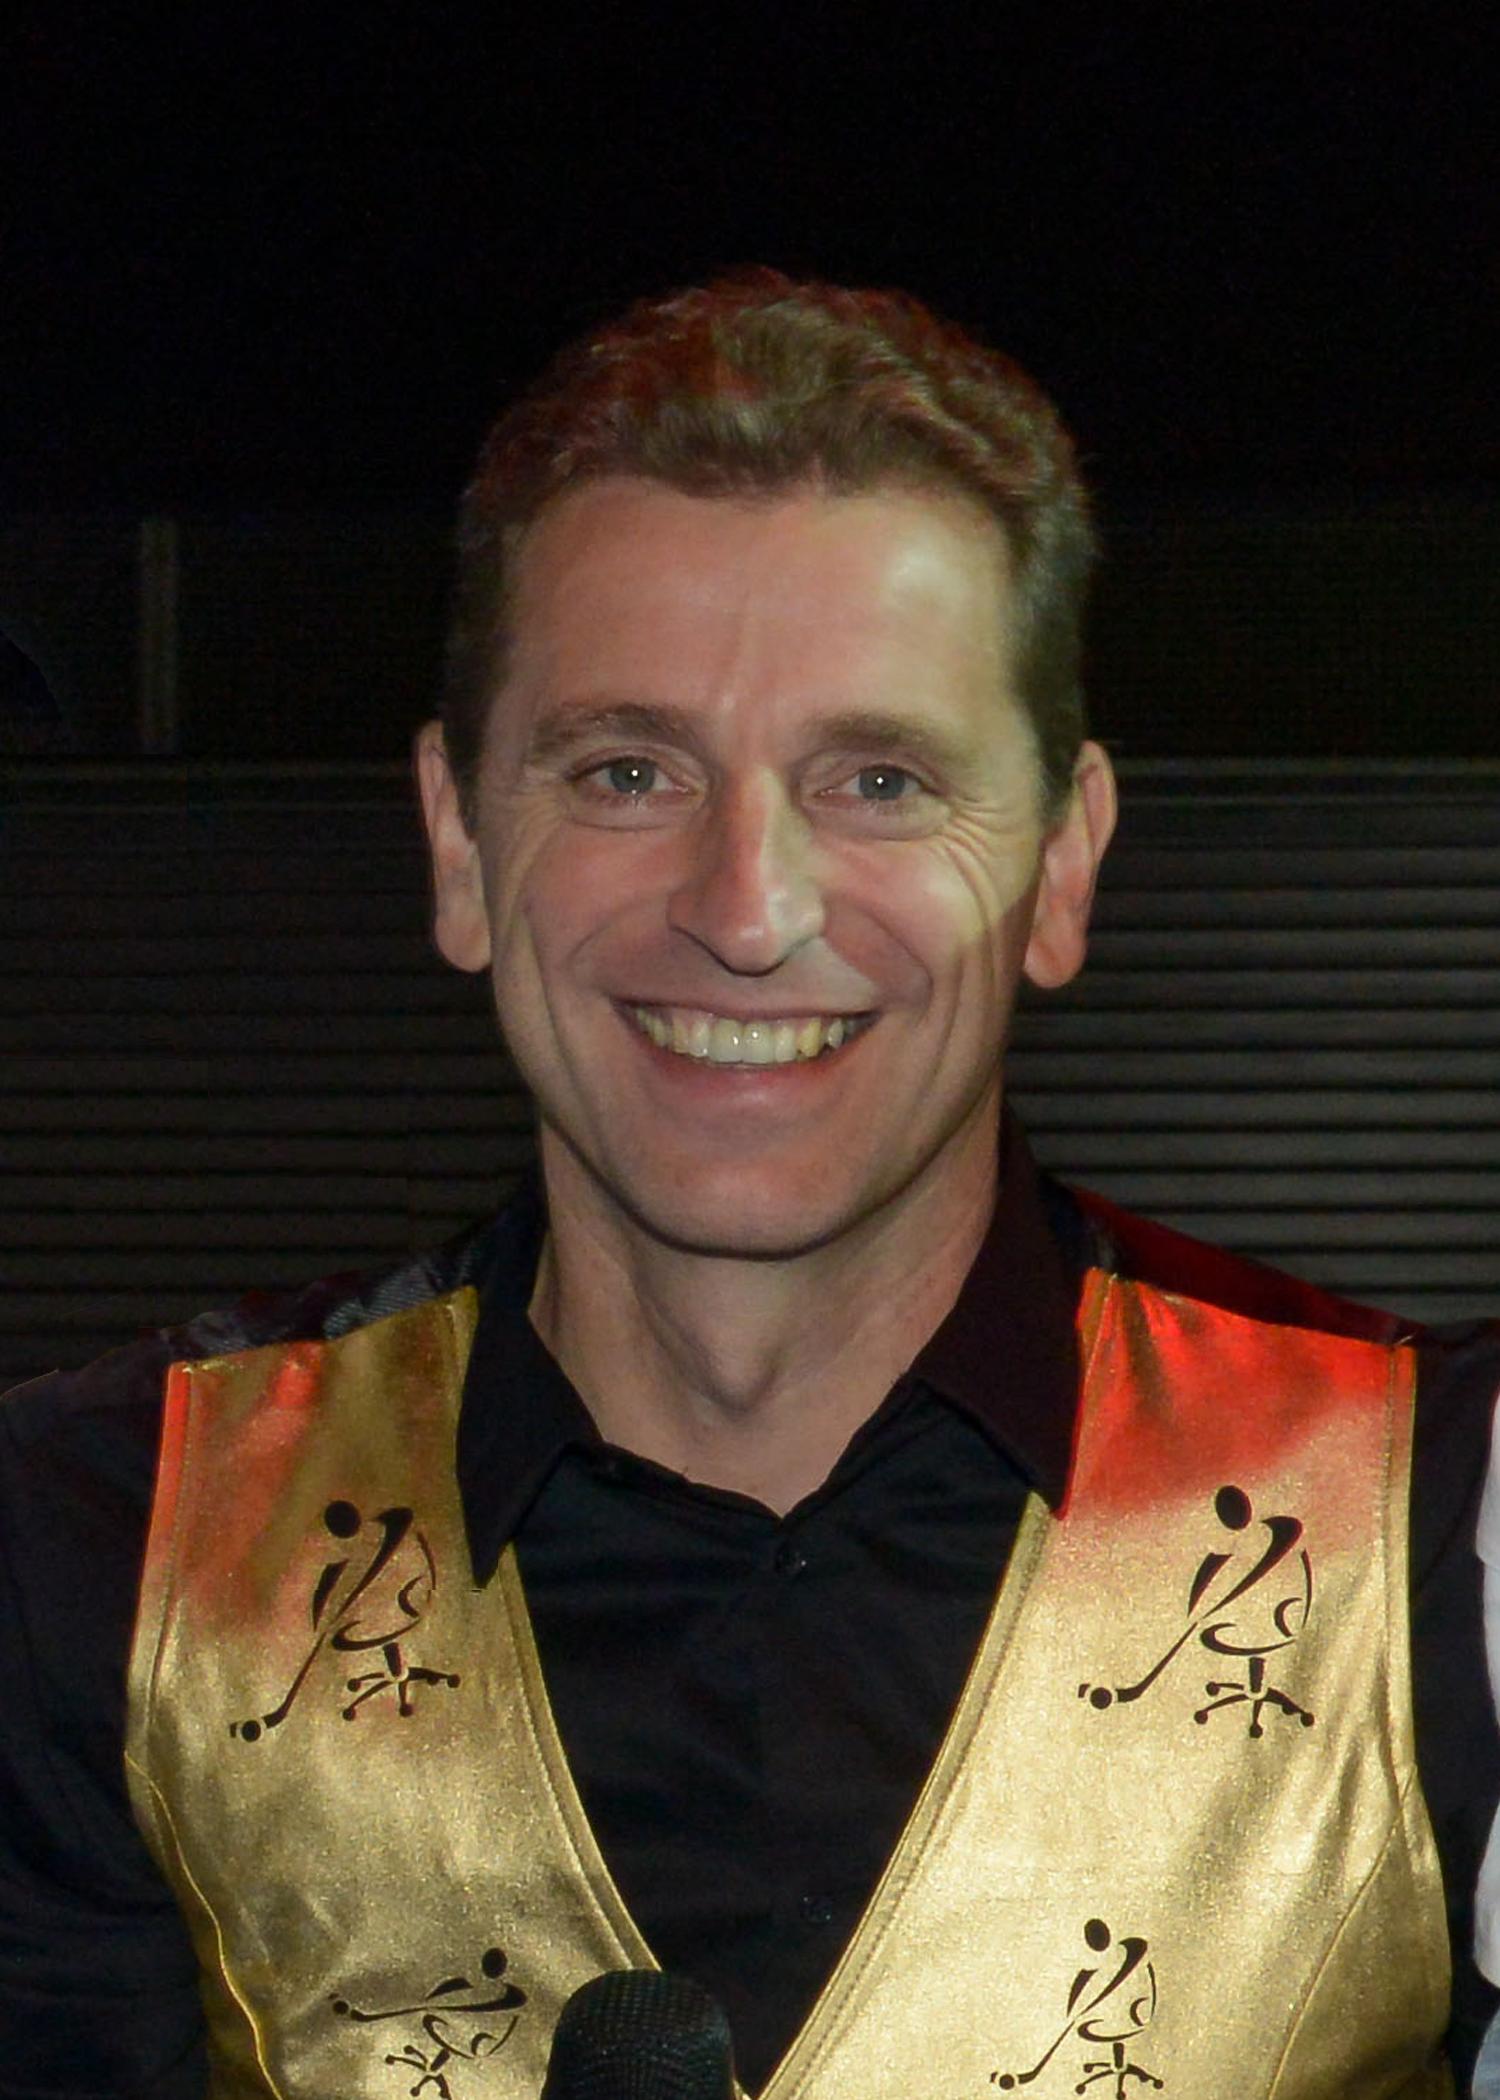 Jens Fislage, Geschäftsinhaber von BKE Fislage.